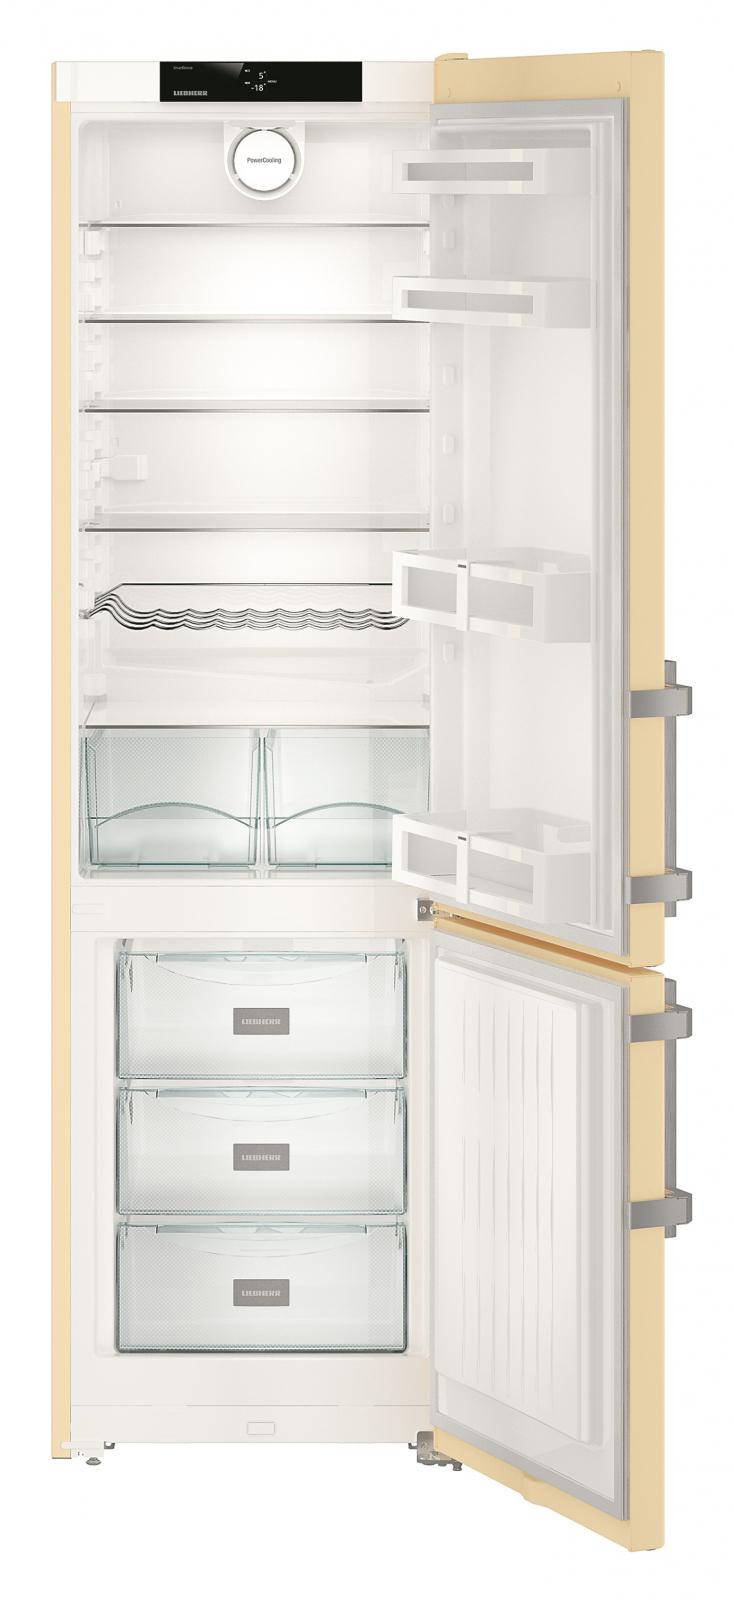 купить Двухкамерный холодильник Liebherr Cbe 4025 Украина фото 1